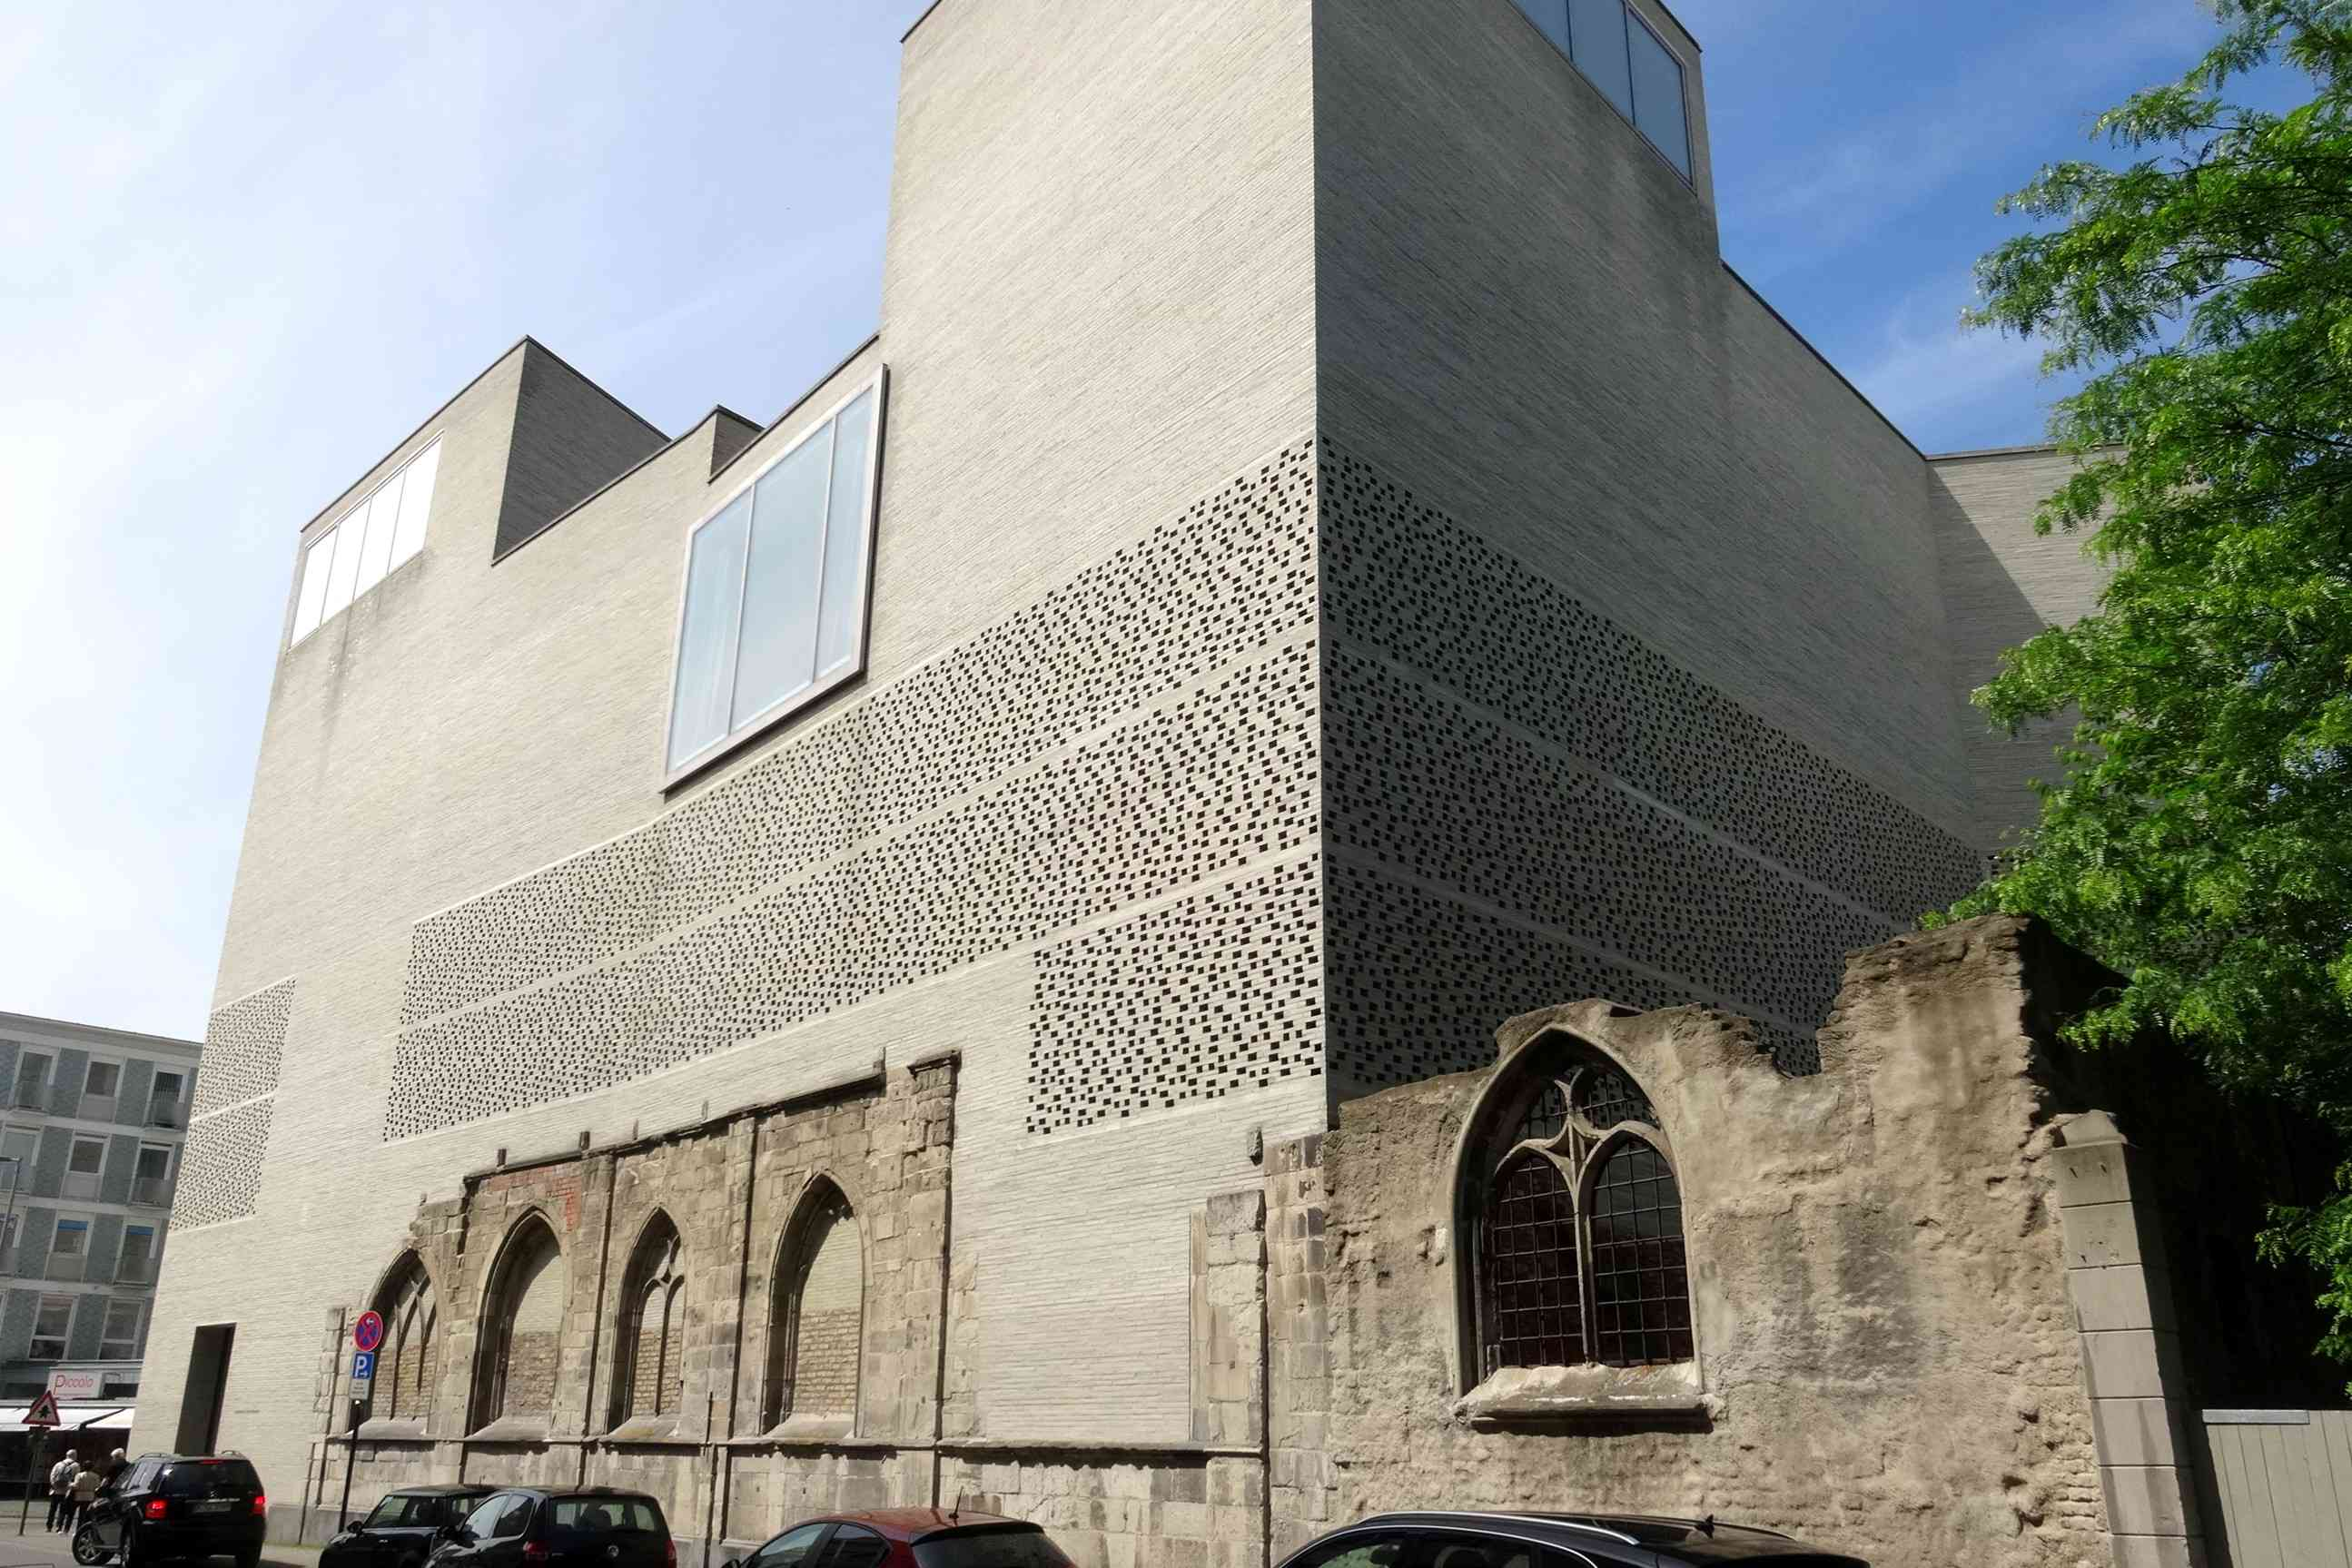 Museo Kolumba en Alemania, una gran estructura de mampostería moderna similar a una tumba construida sobre los restos de una iglesia medieval